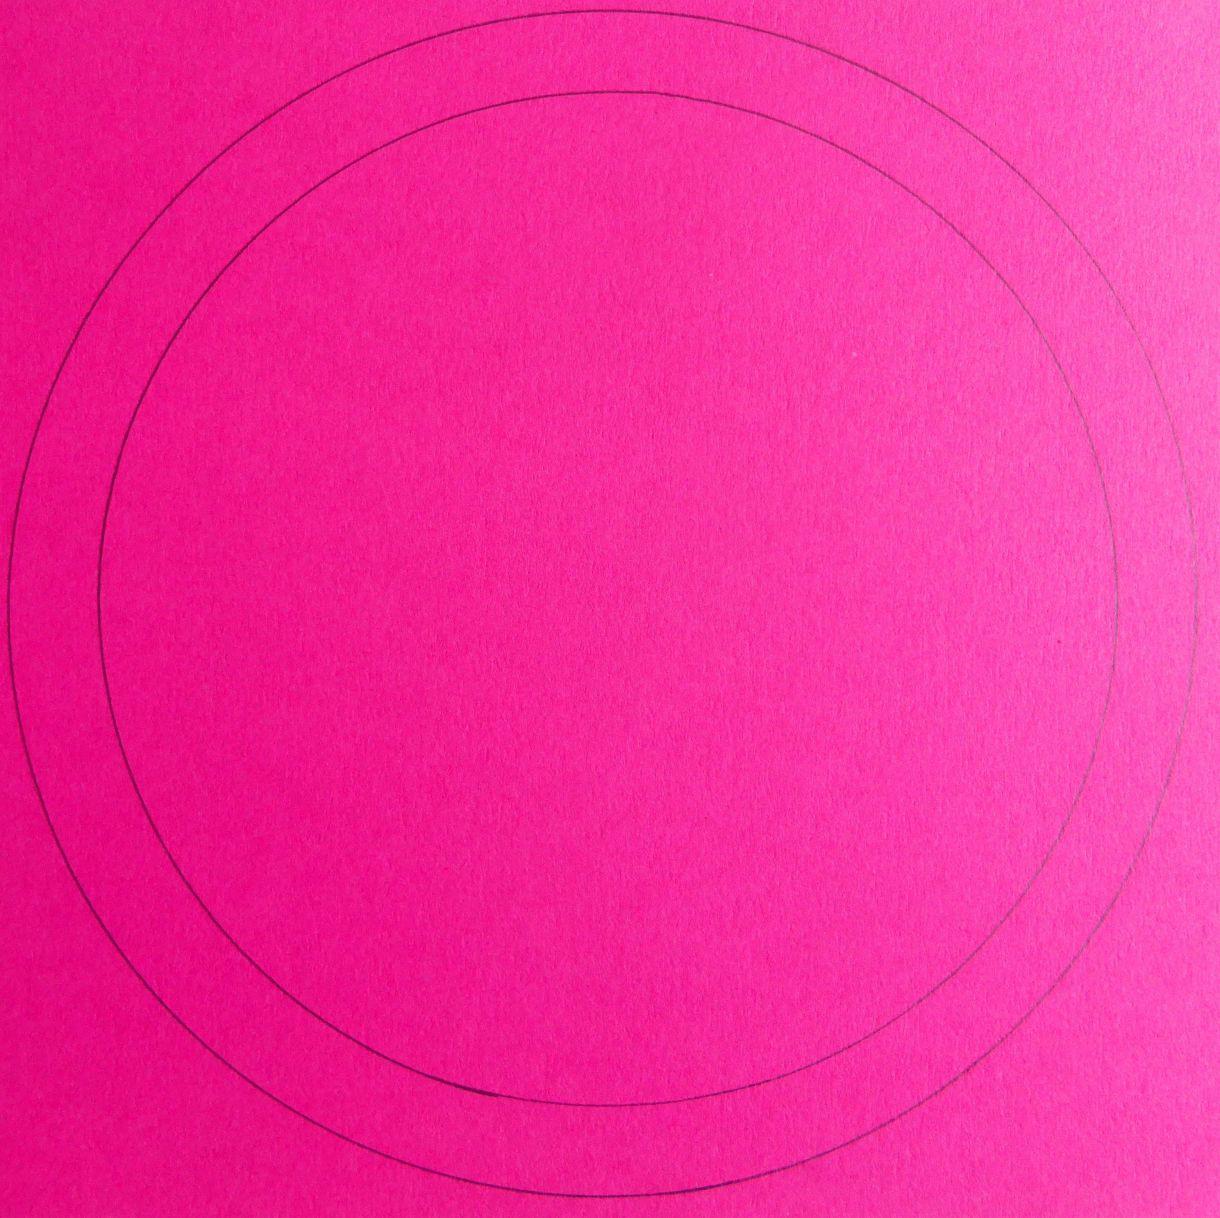 Jane Orange Pink Wreath 1